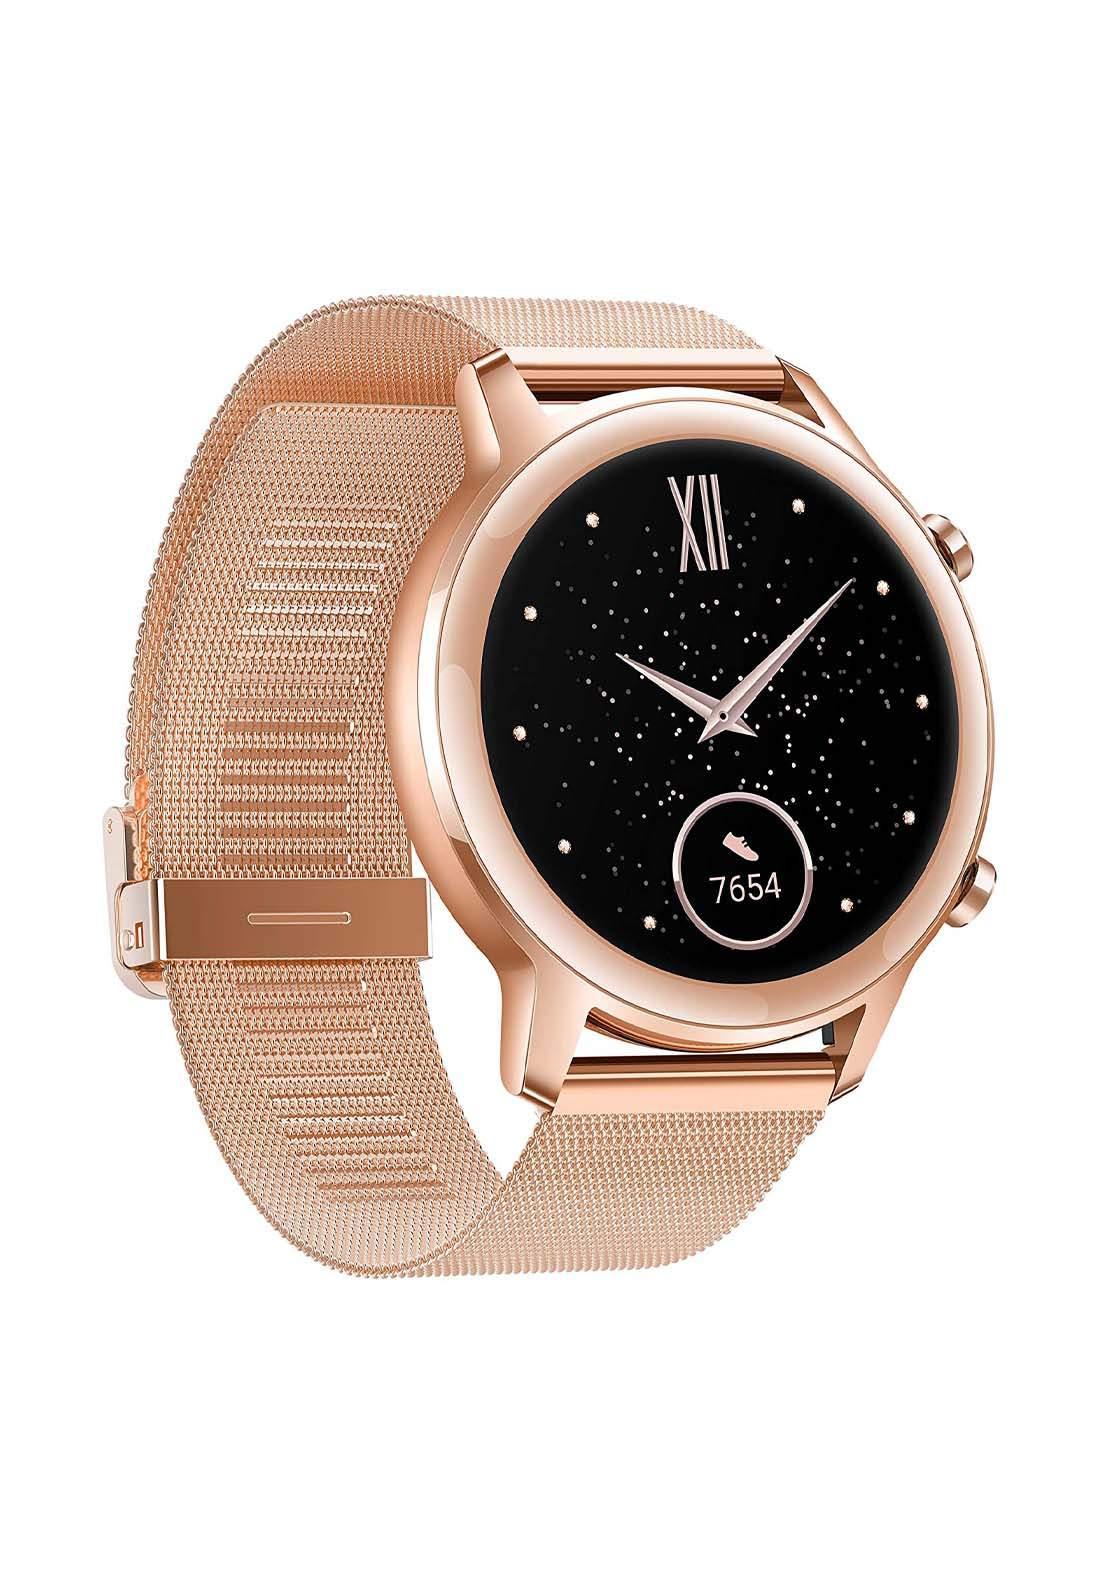 Honor  MagicWatch2 Smart Watch 42mm - Gold ساعة ذكية